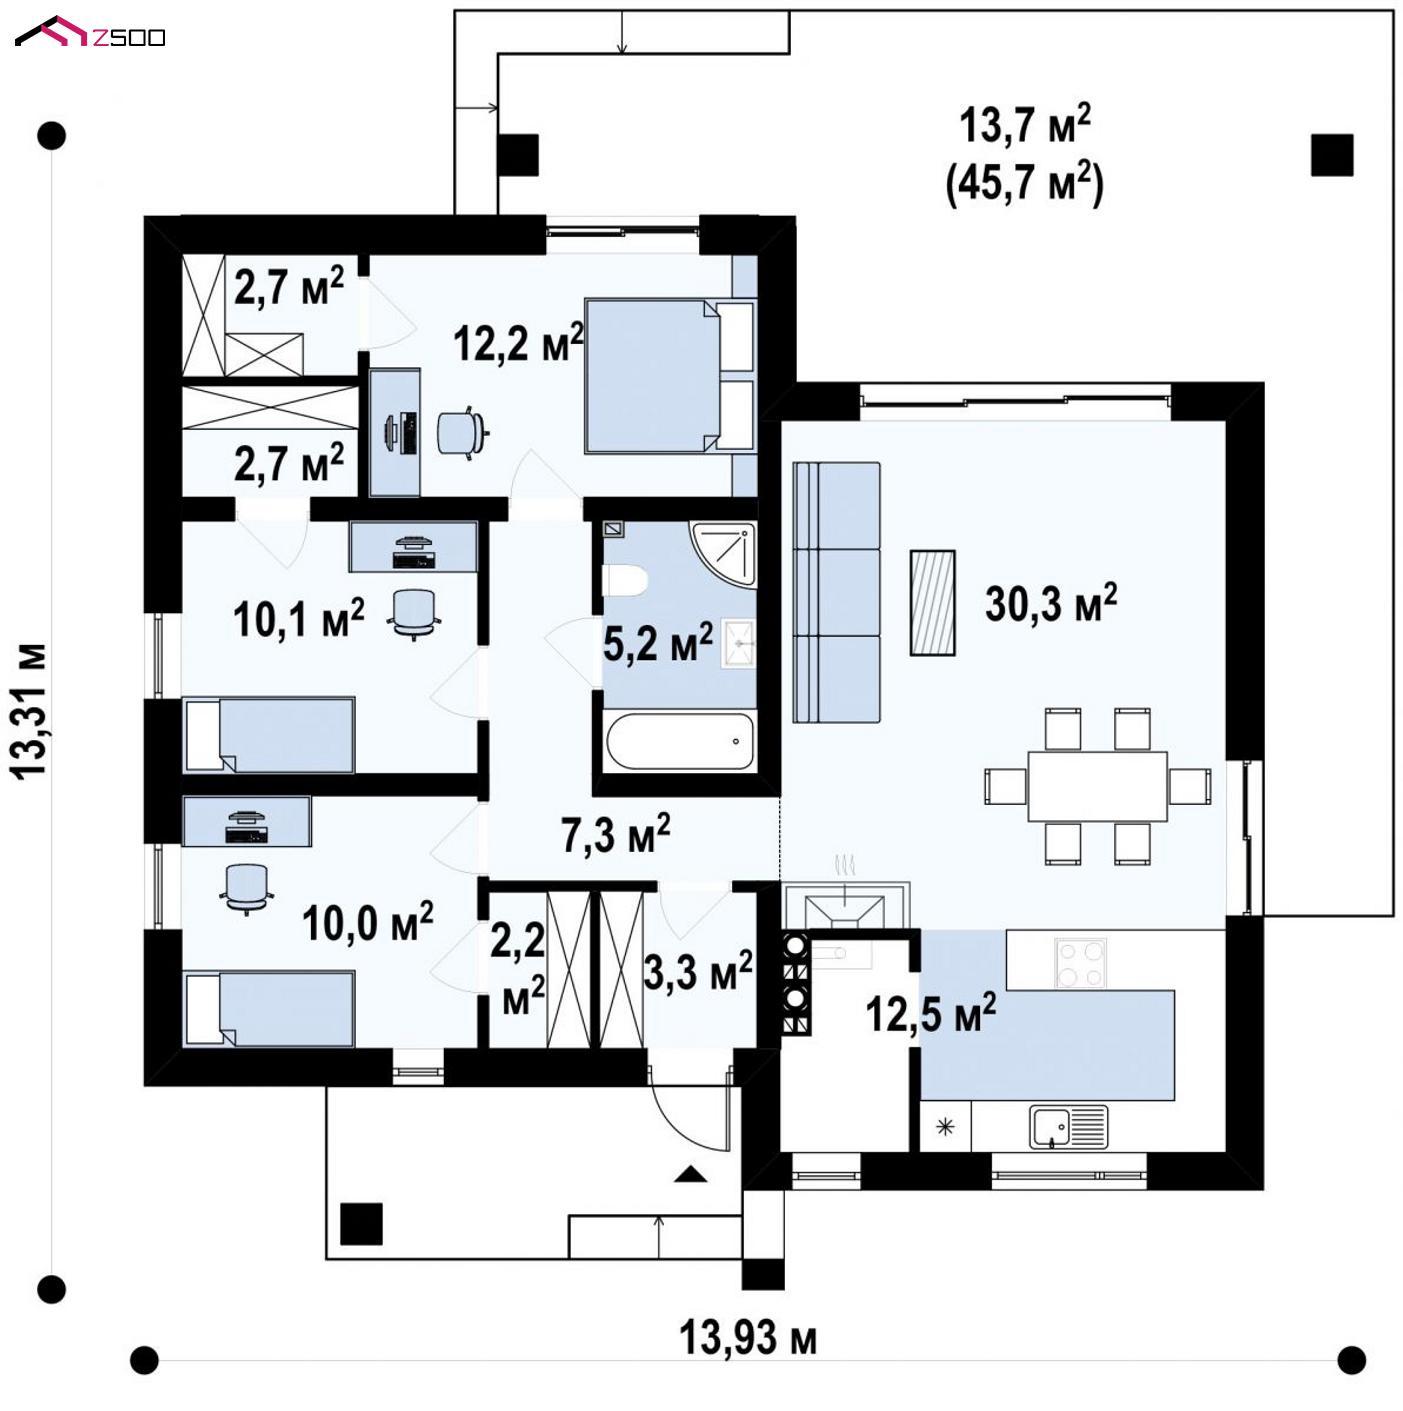 Готовый проект дома - Увеличенная версия проекта Zx105 с гардеробными в каждой спальне.